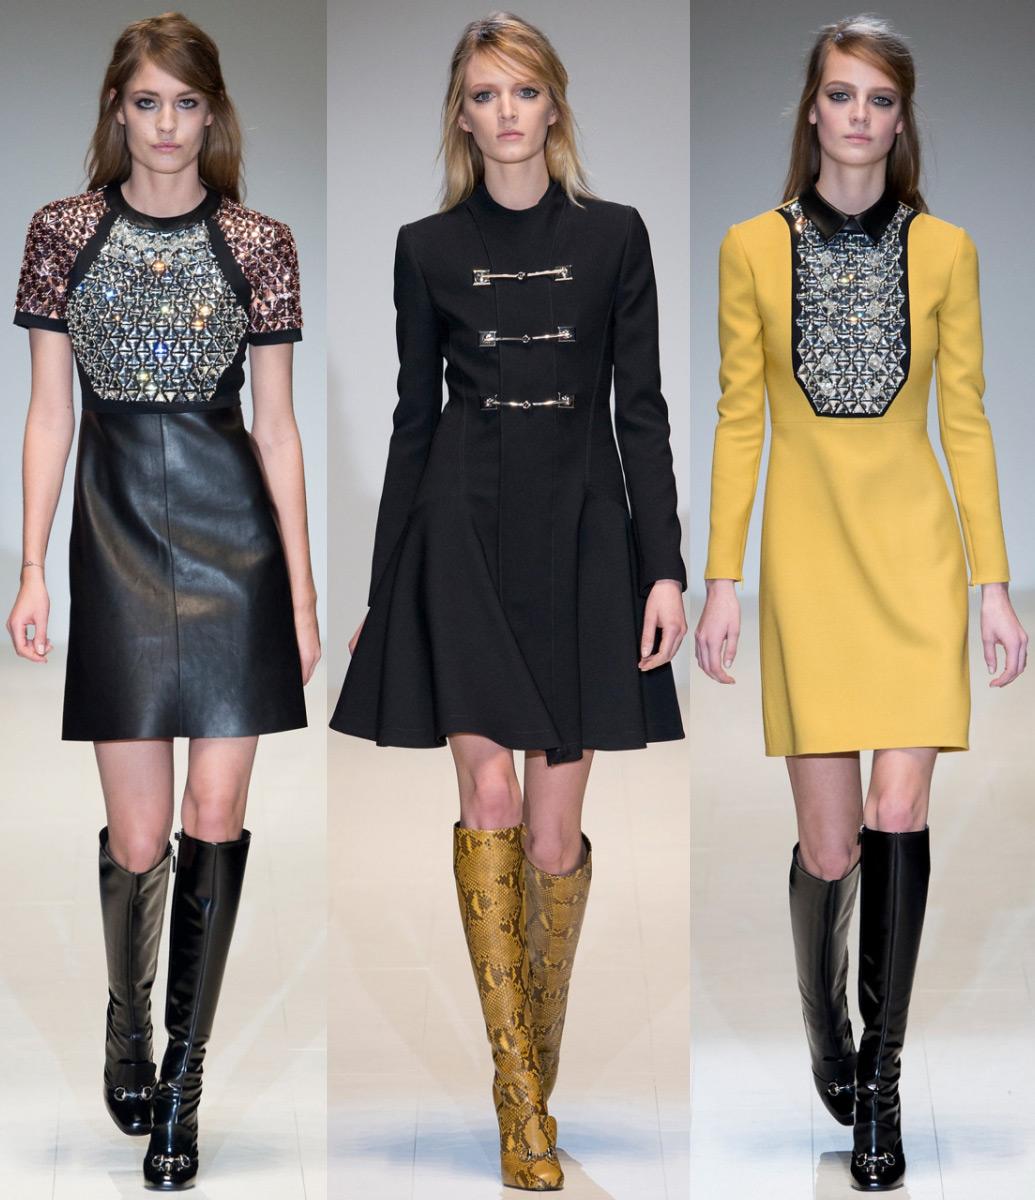 Модные платья, Осень-Зима 2014-2015 (фото): какие платья самые м